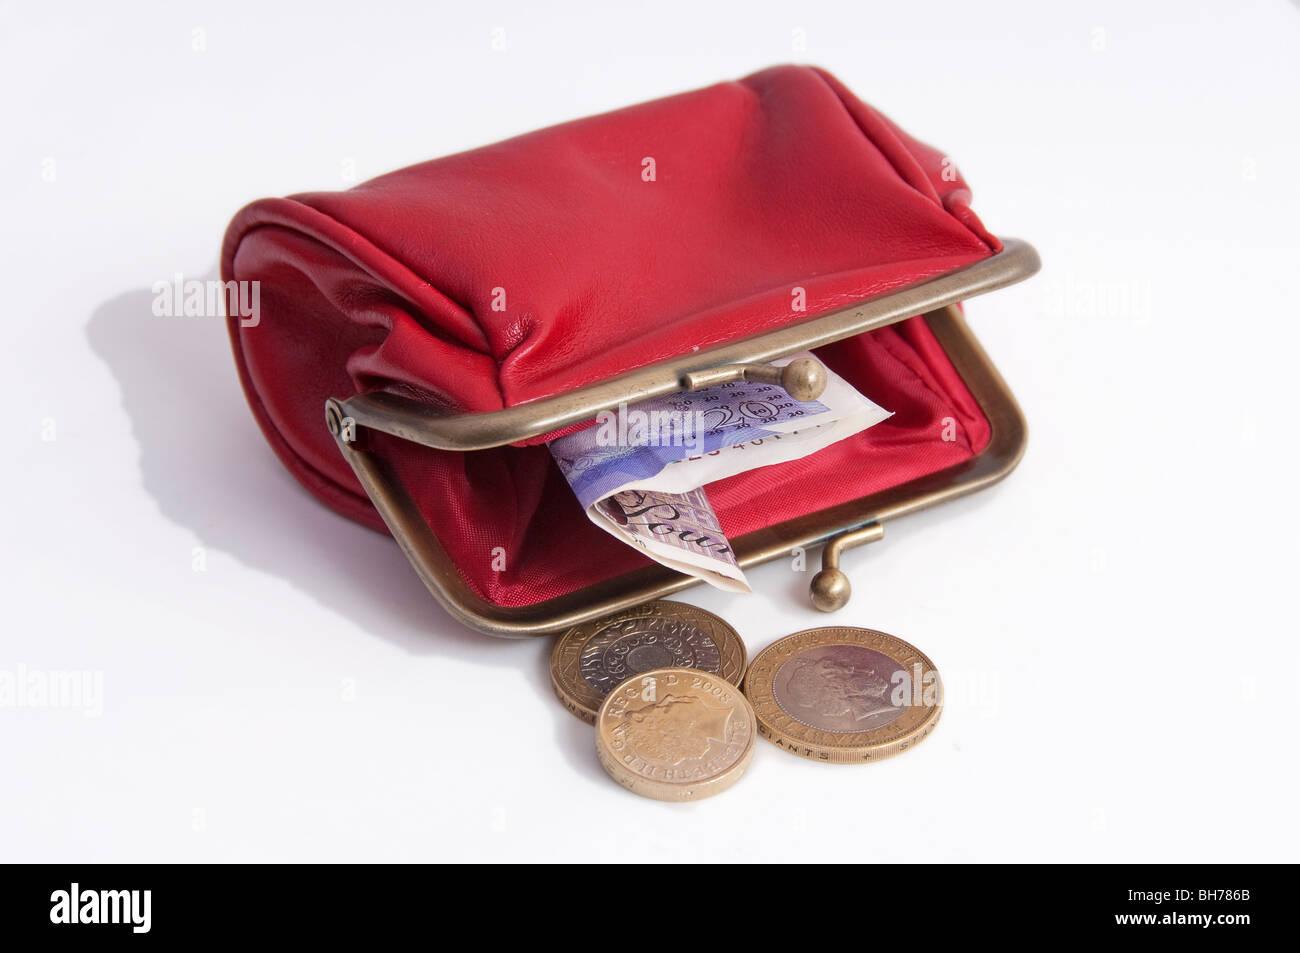 cómo llegar zapatos de otoño unos dias Monedero Monedas Imágenes De Stock & Monedero Monedas Fotos ...